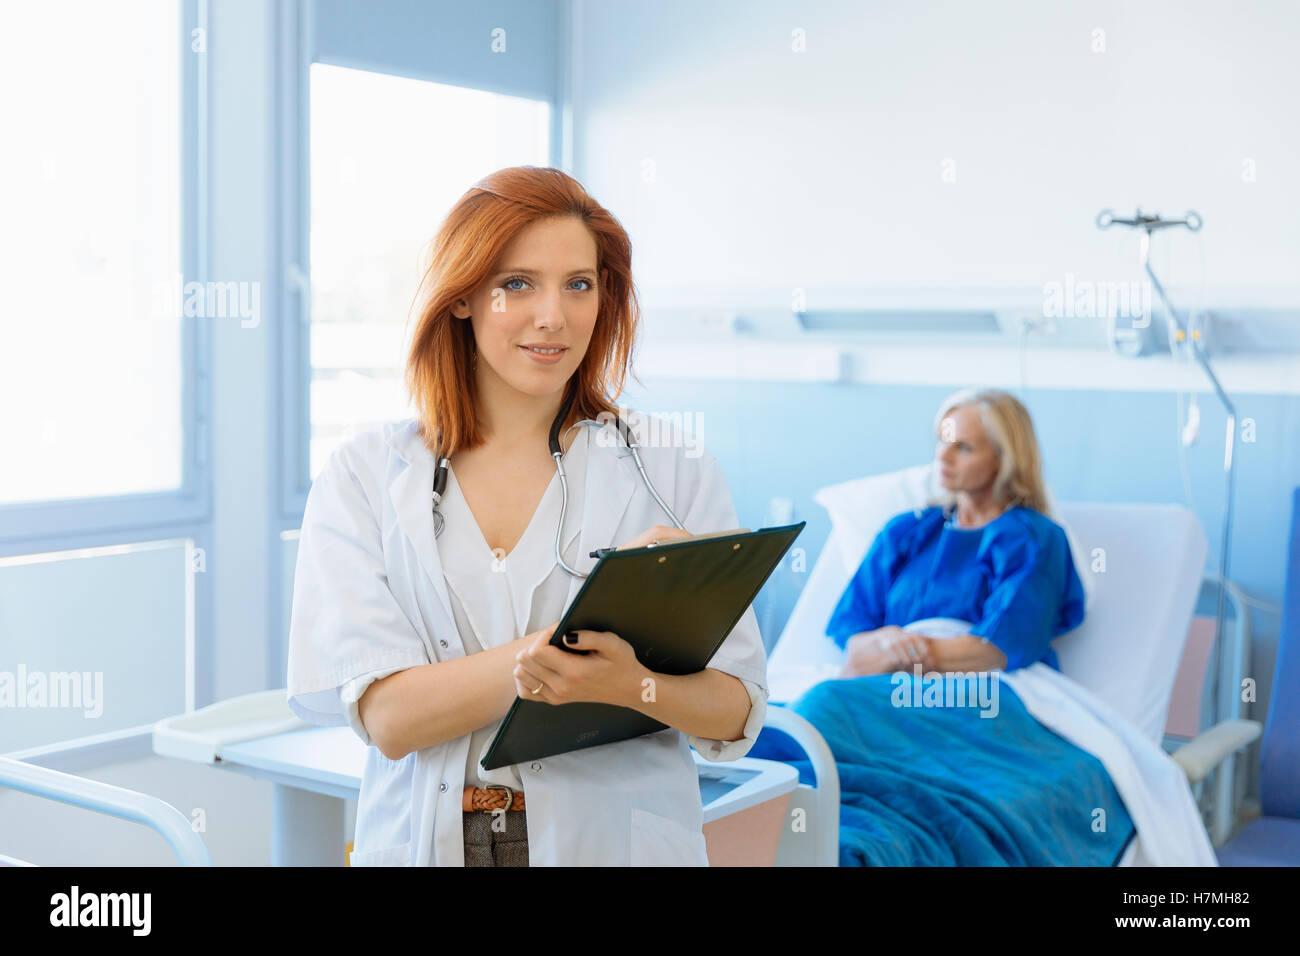 Retrato de una doctora en el hospital Foto de stock